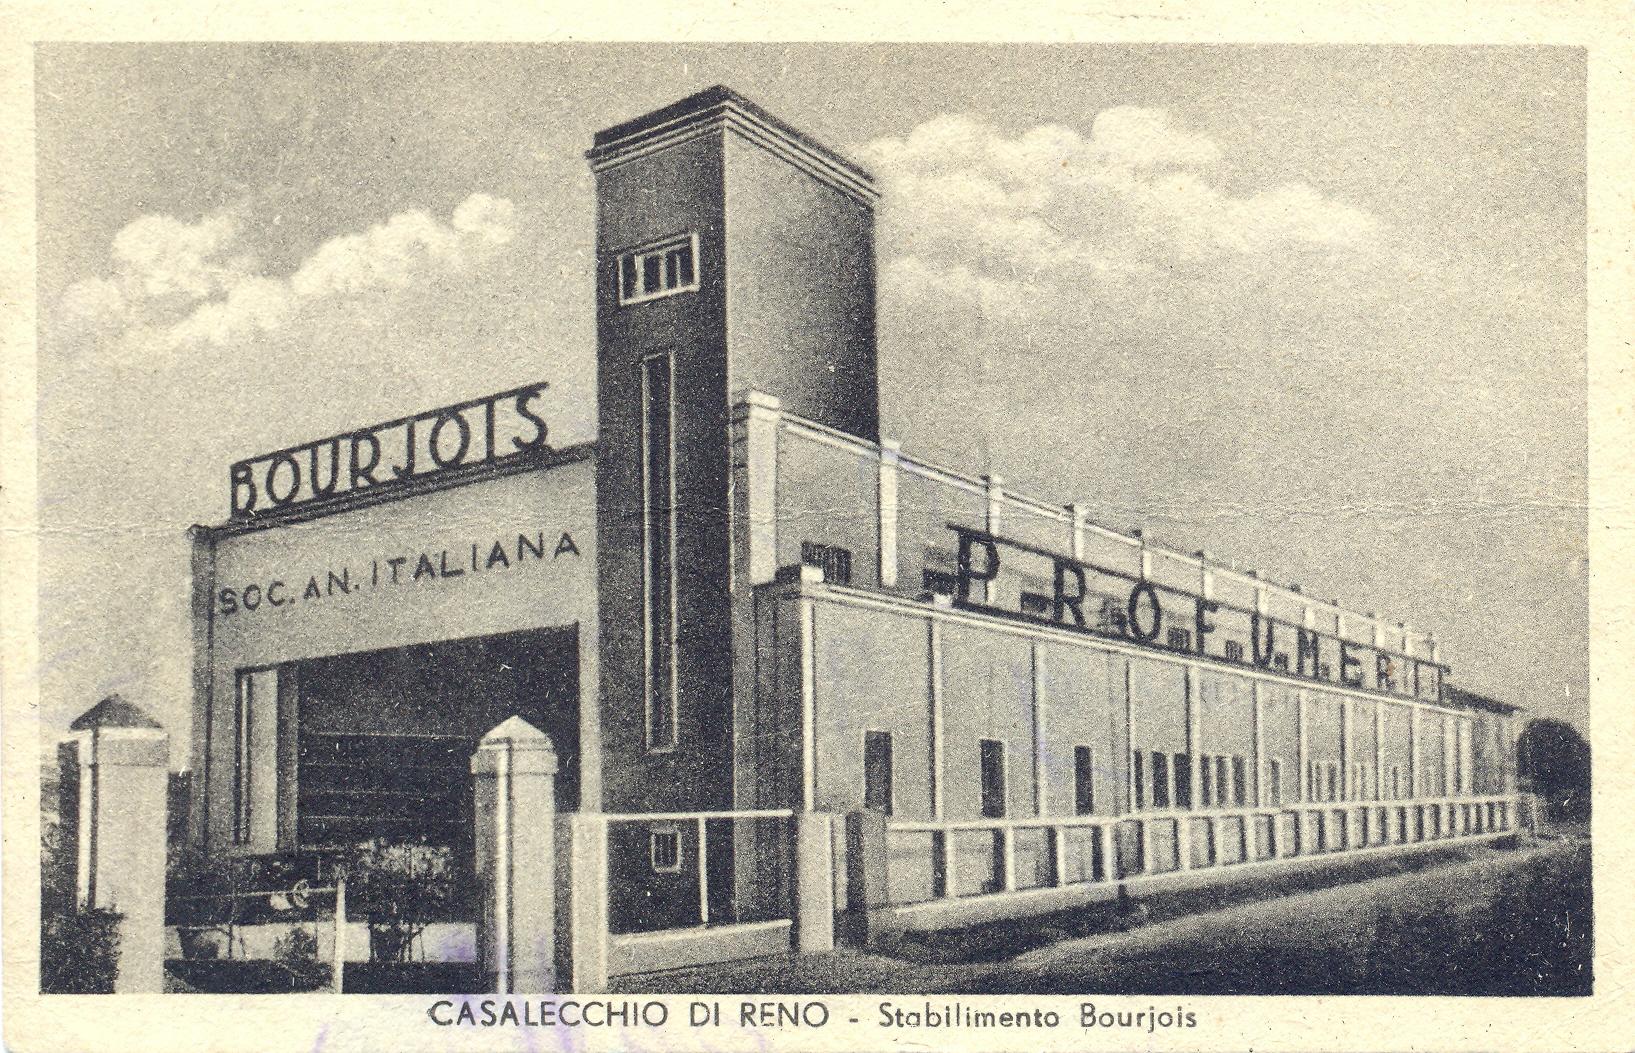 Stabilimento Bourjois fine anni 30